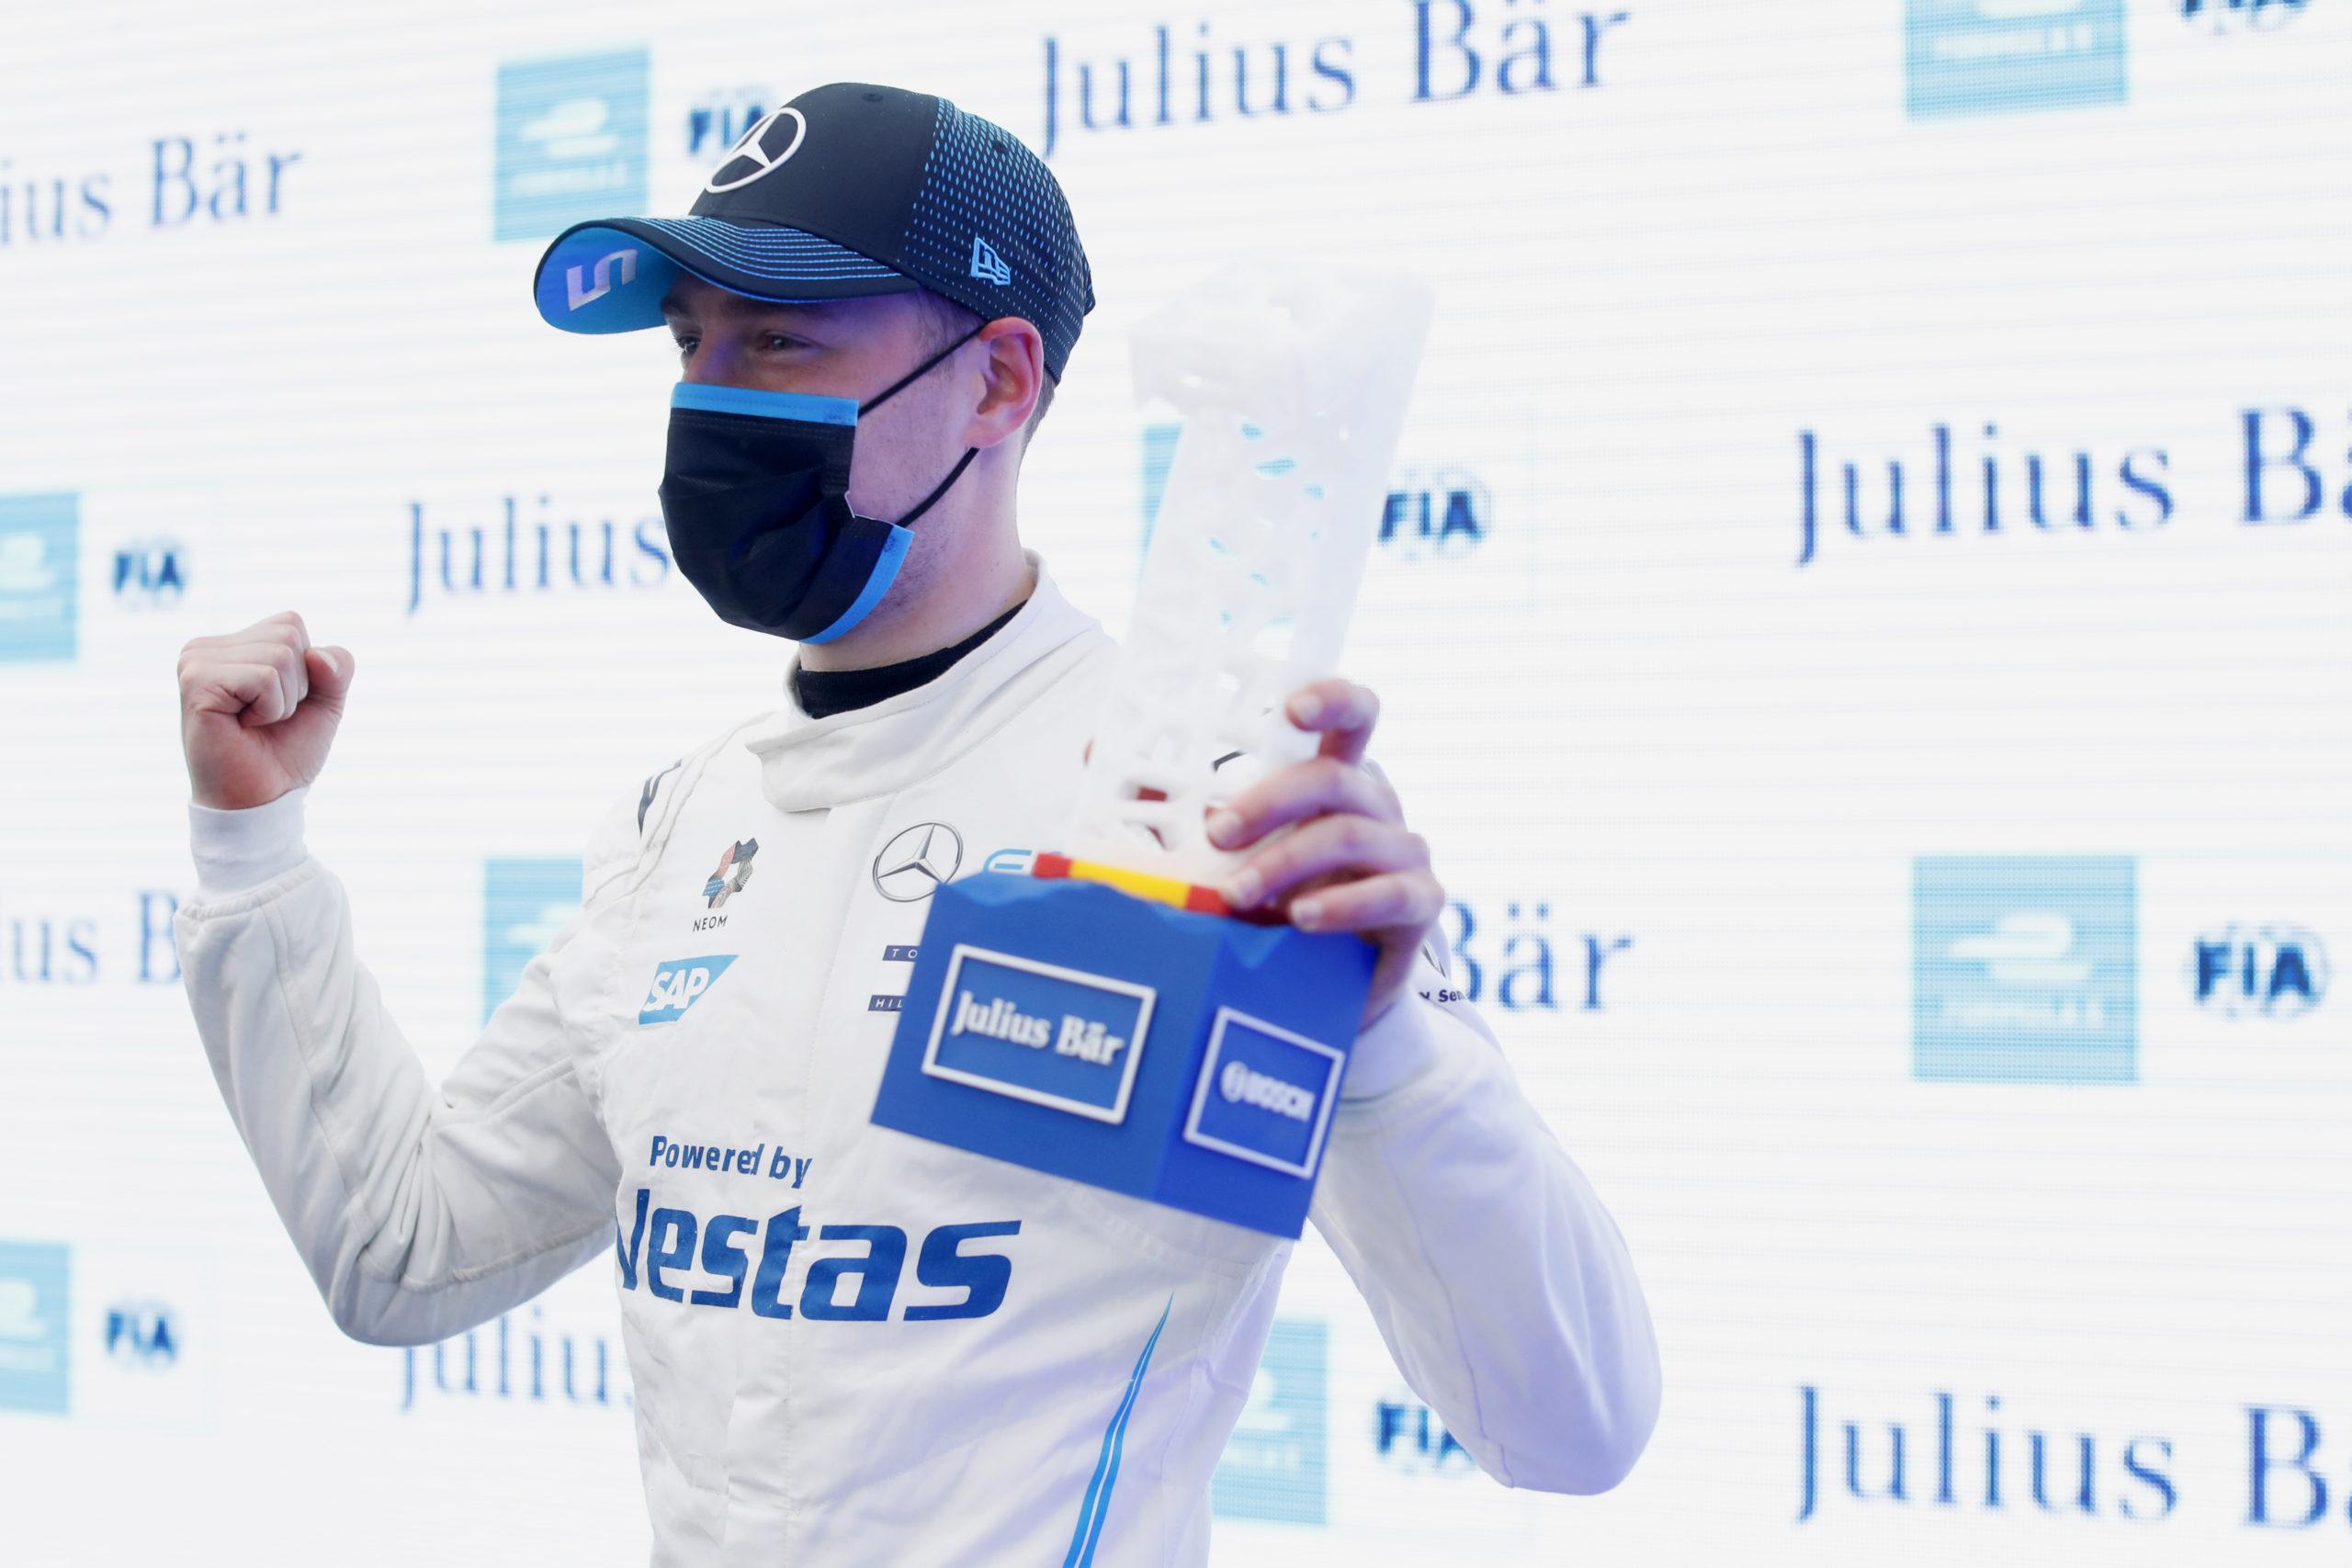 Stoffel Vandoorne (BEL), Mercedes Benz EQ, Valencia ePrix 2021, Formula-E